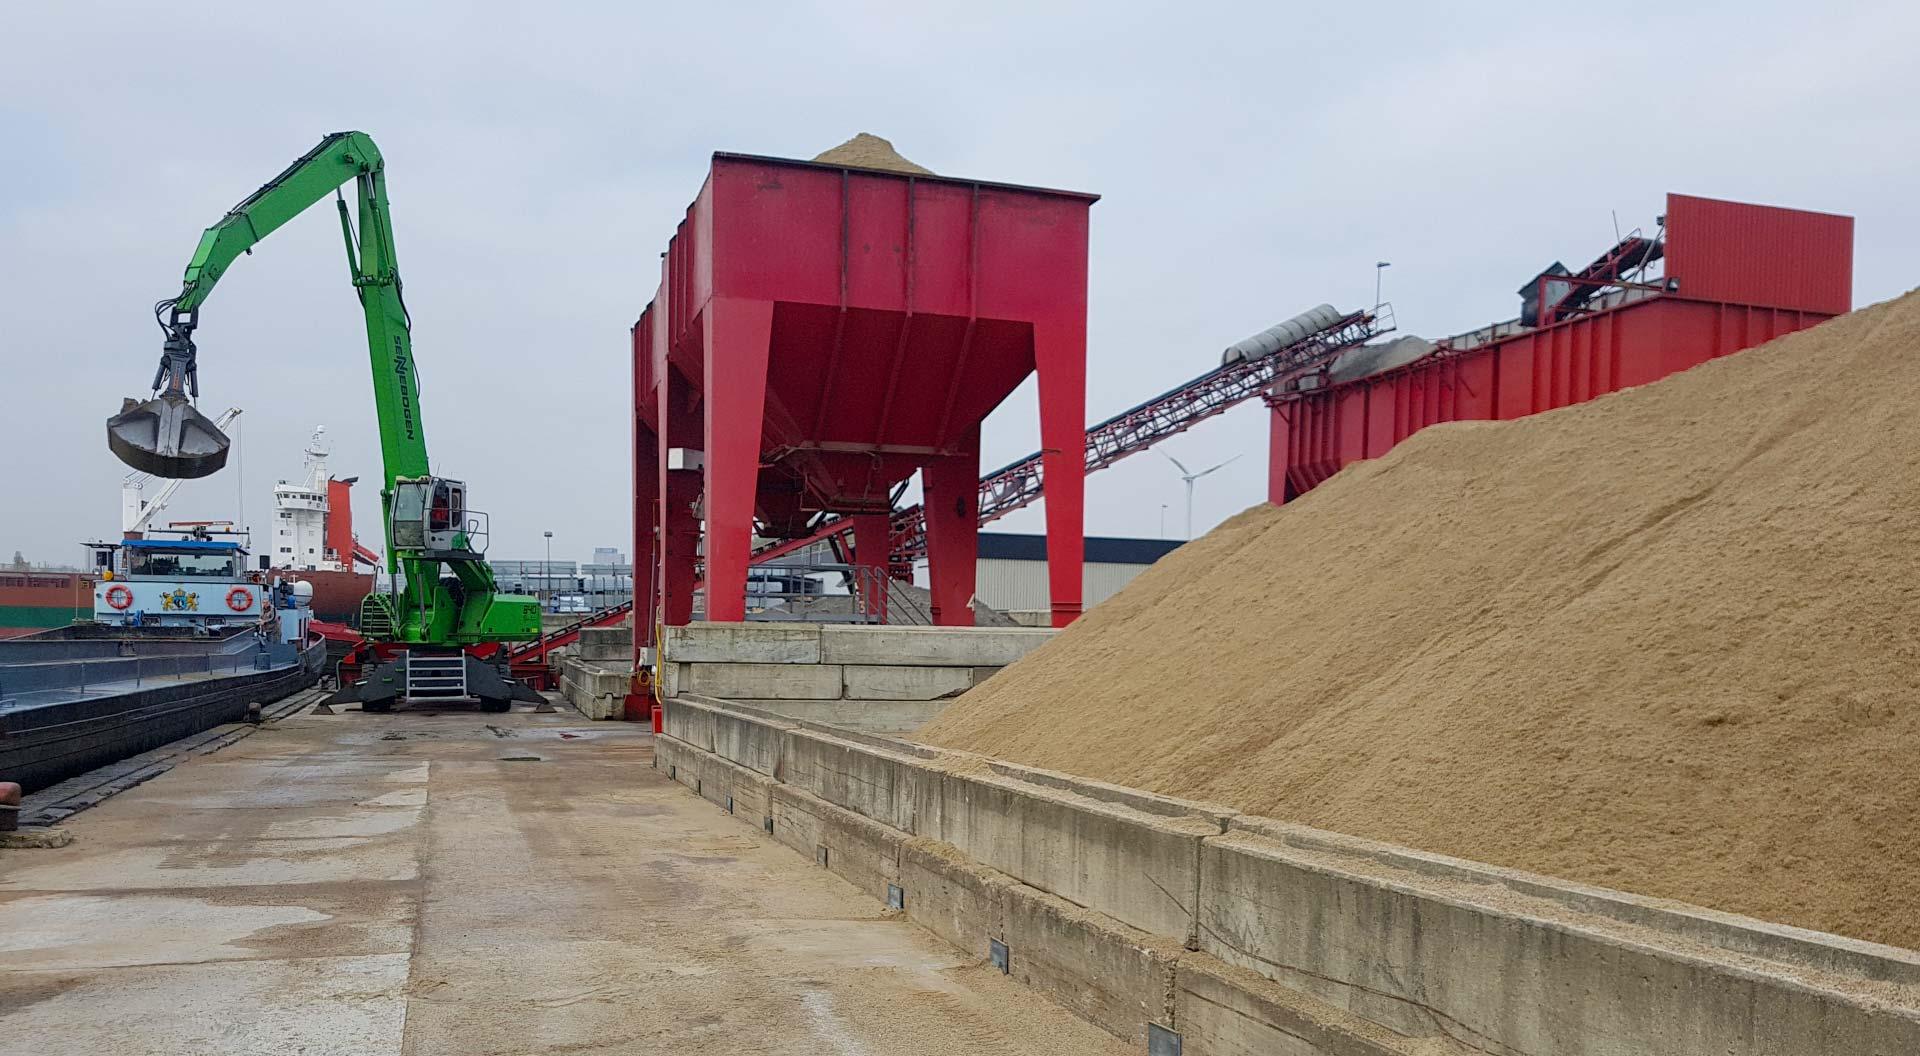 Spaansen Grondstoffen en Logistiek - loslocatie Vlothavenweg Amsterdam - project Noorderkwartier Van Gelder